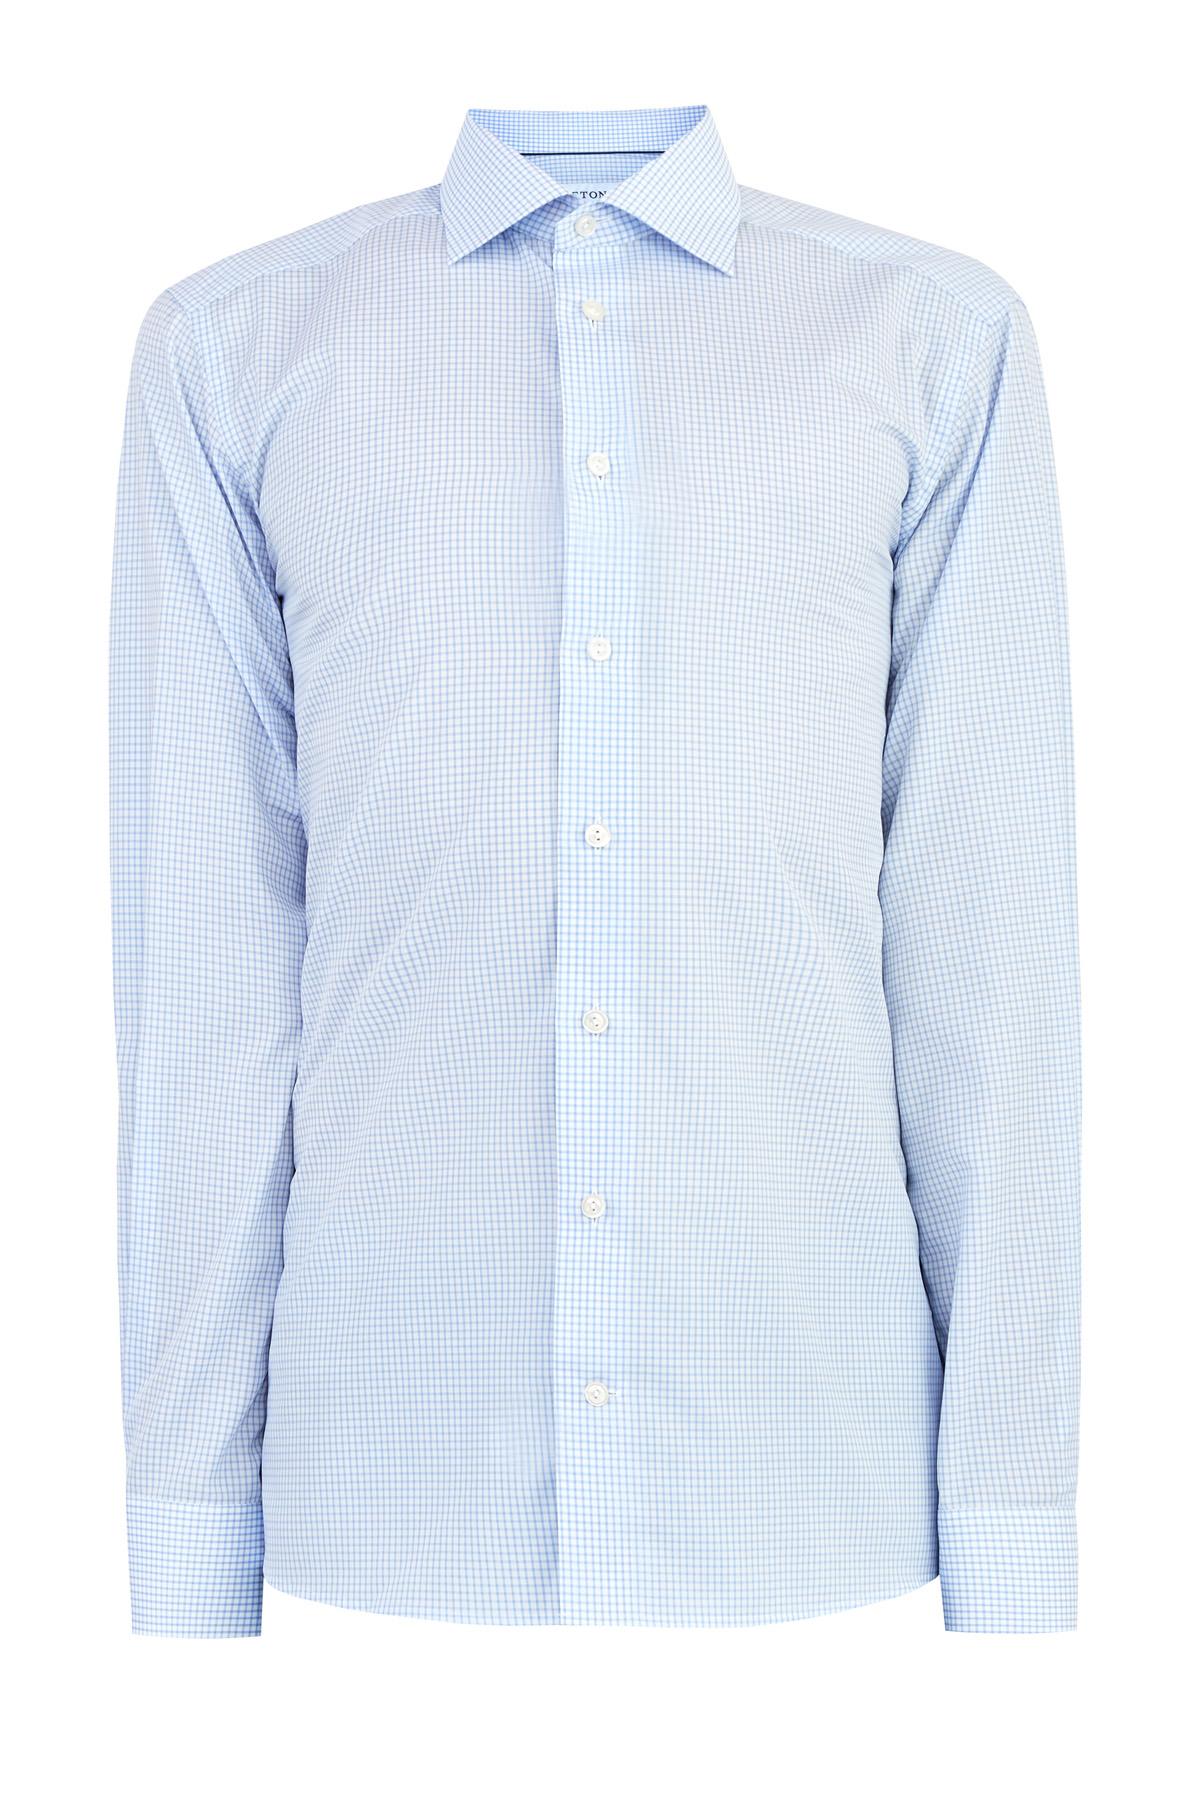 Рубашка в клетку из гладкого поплина классического кроя Contemporary